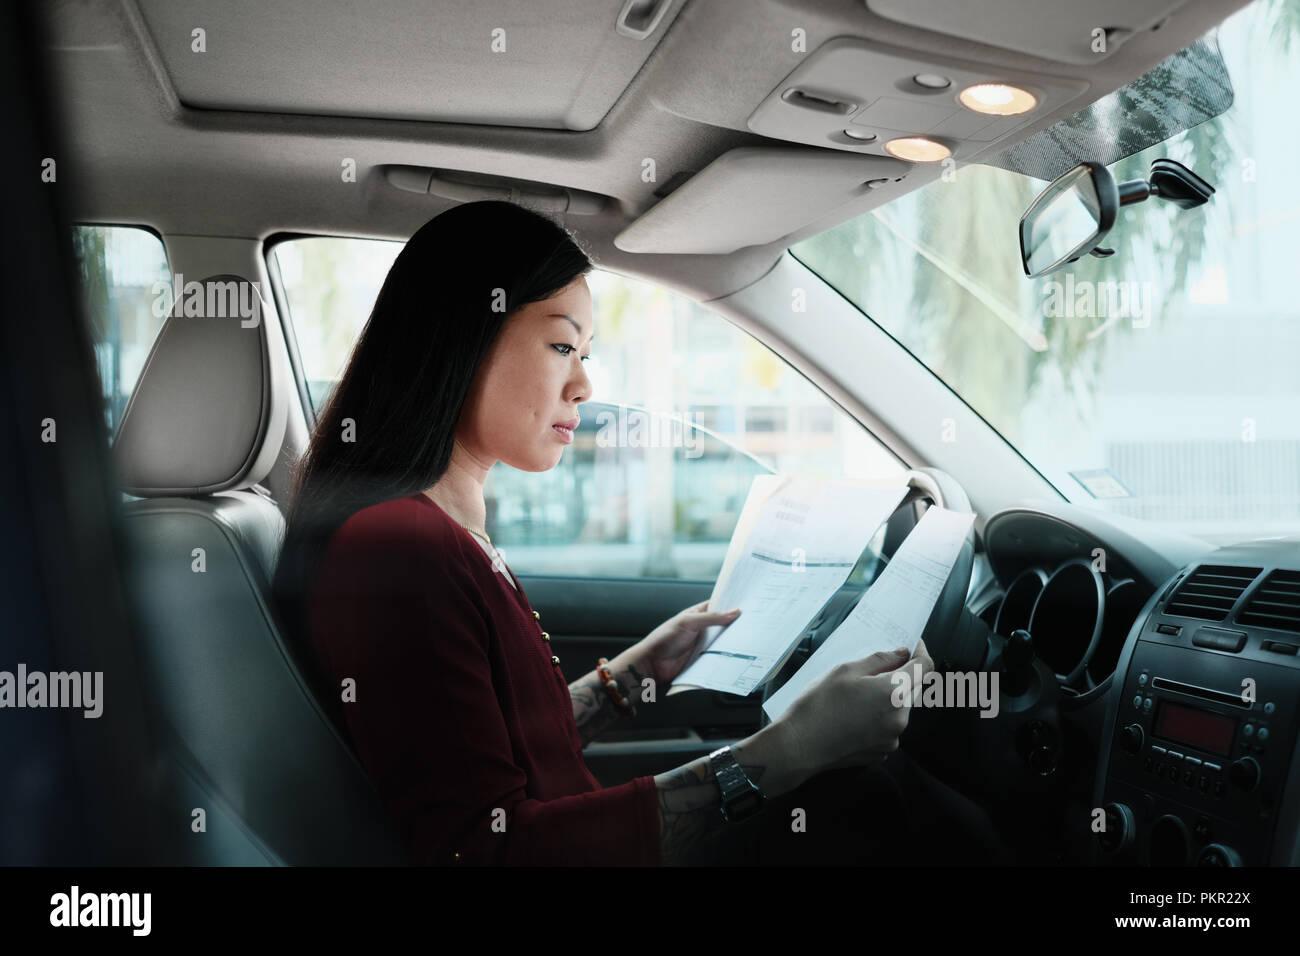 Femmina cinese manager che lavora in auto. Successo imprenditrice asiatici utilizzando computer portatile e guardando la documentazione. Immagini Stock